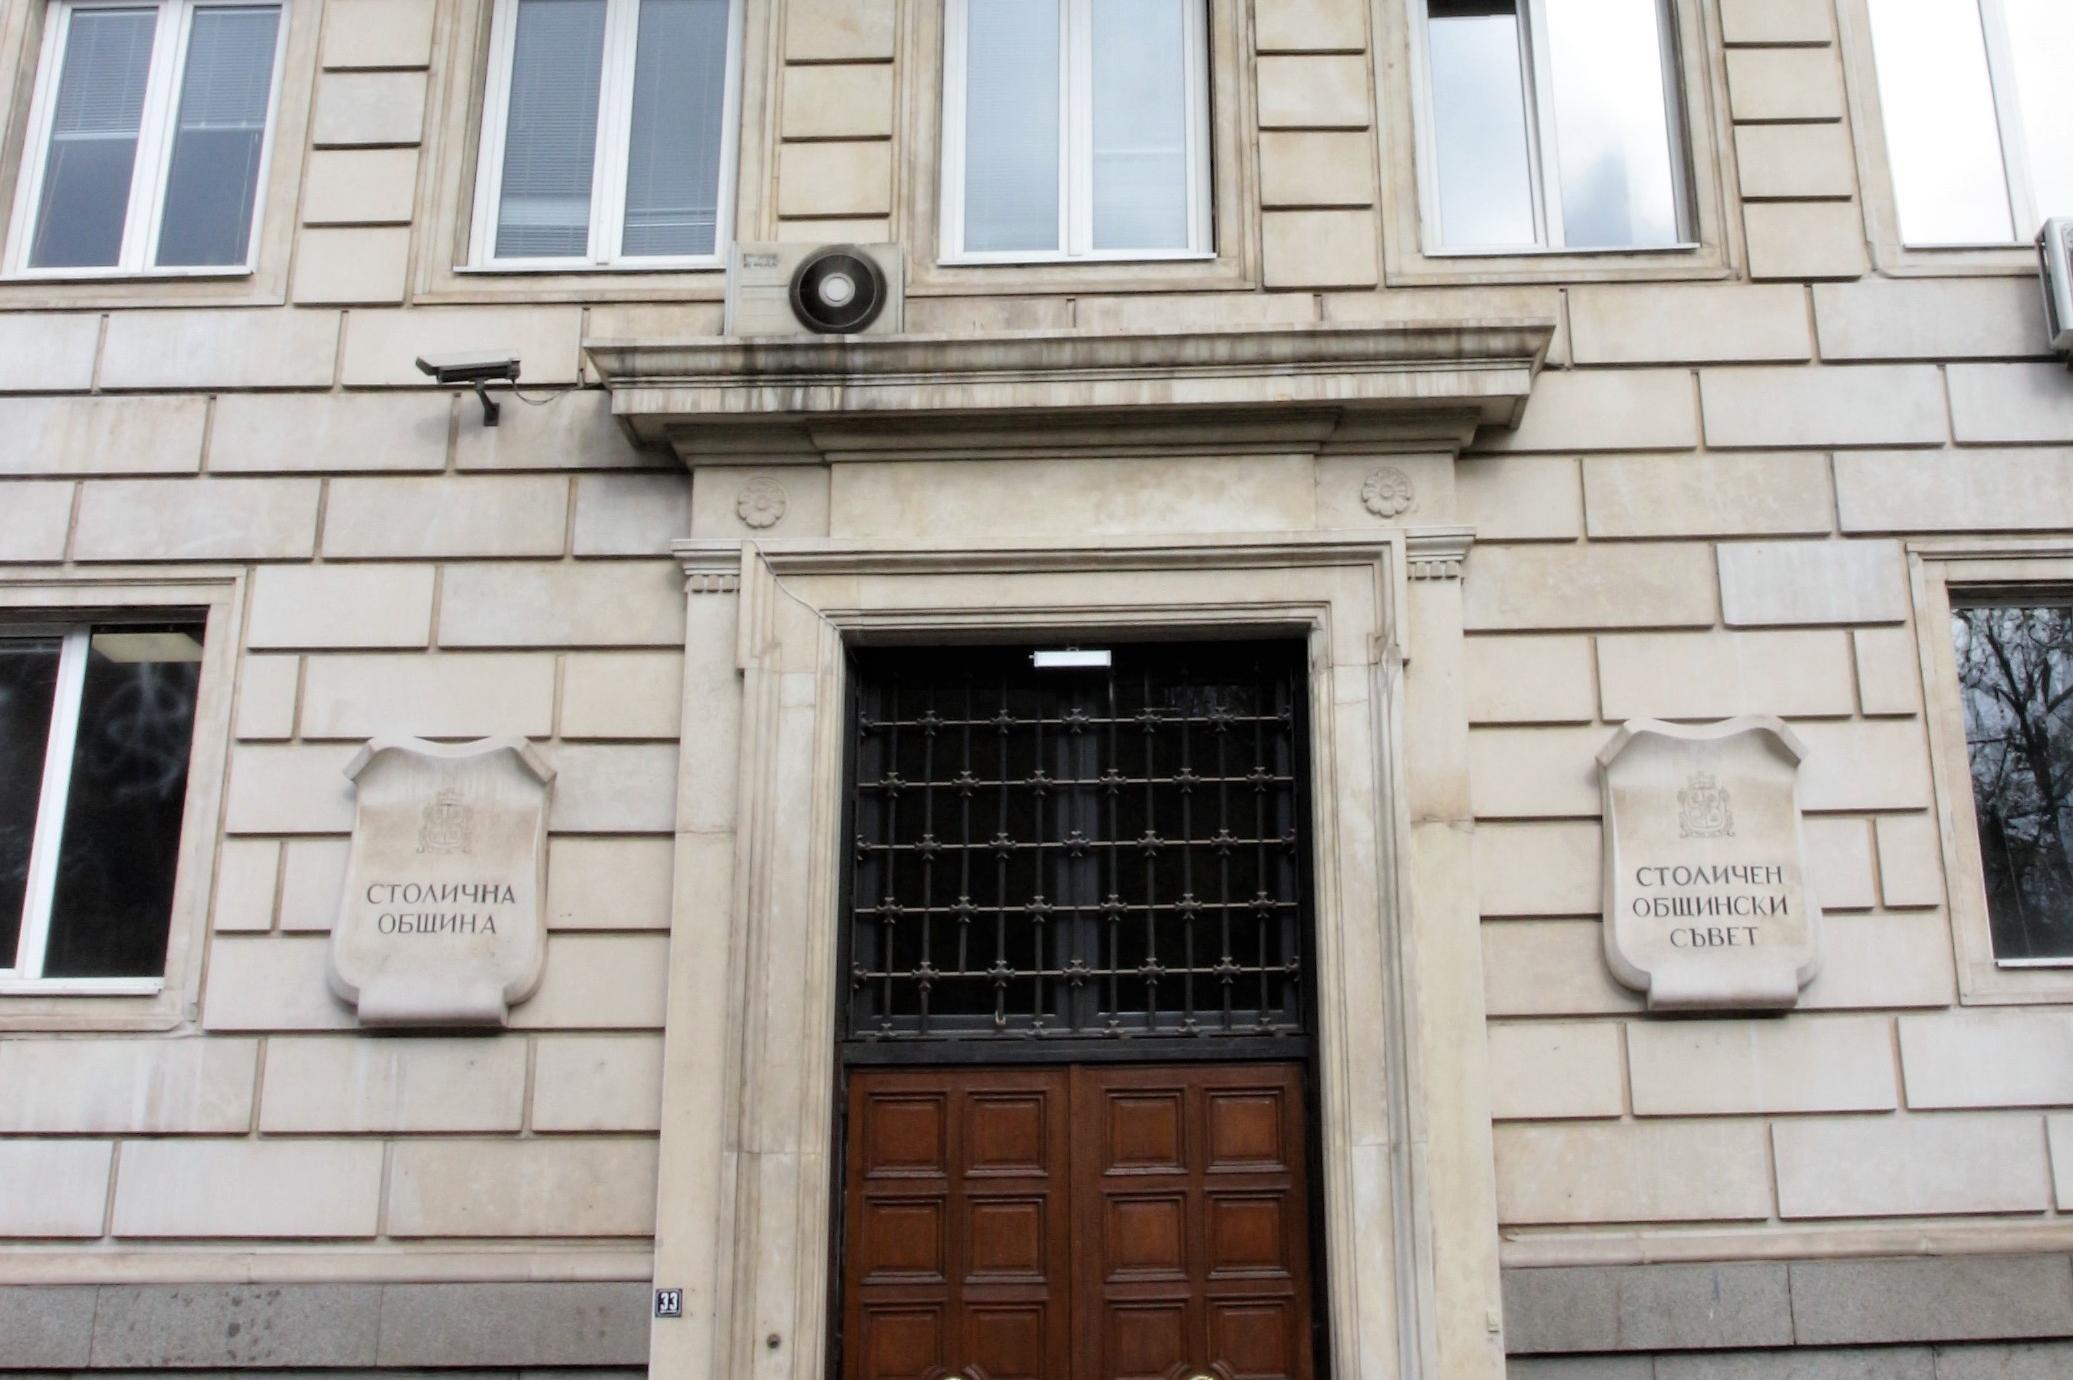 Комисията по култура в СОС и гл. архитект на София предлагат за по-строг ко